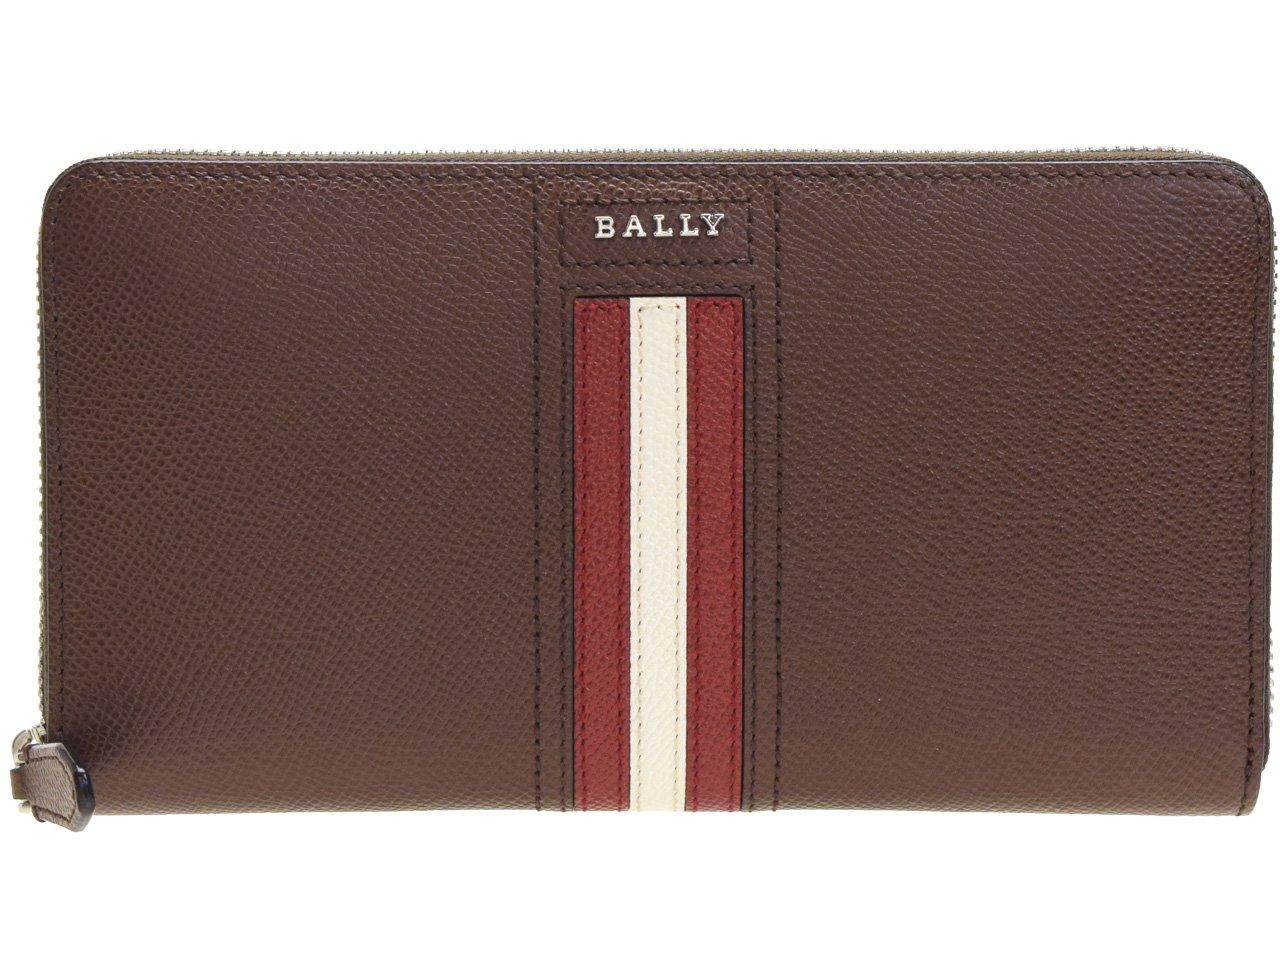 (バリー) BALLY 財布 長財布 ラウンドファスナー メンズ レザー TELEN.LT [並行輸入品] B079M5KPQ5 ココナッツ ココナッツ